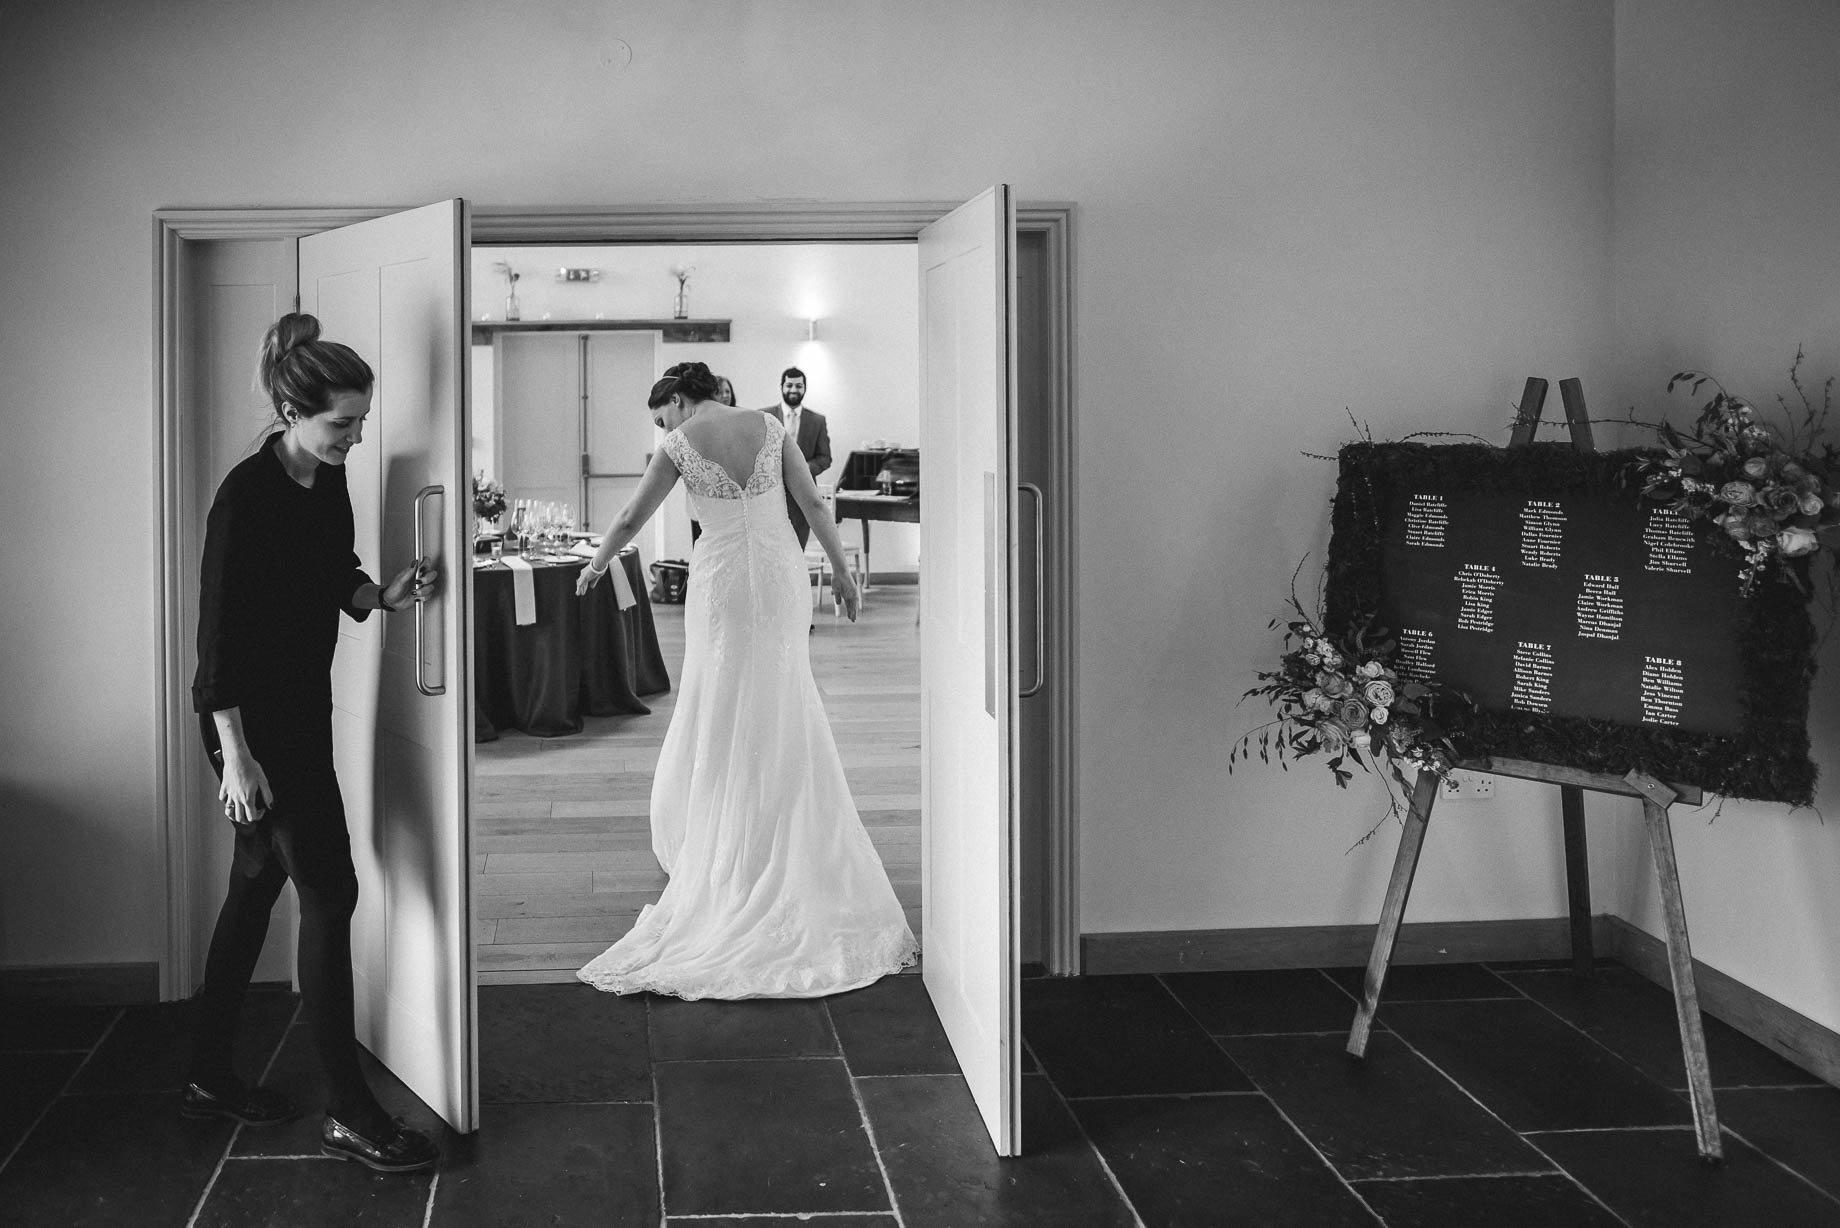 Millbridge Court Wedding Photography - Lisa and Daniel (47 of 173)